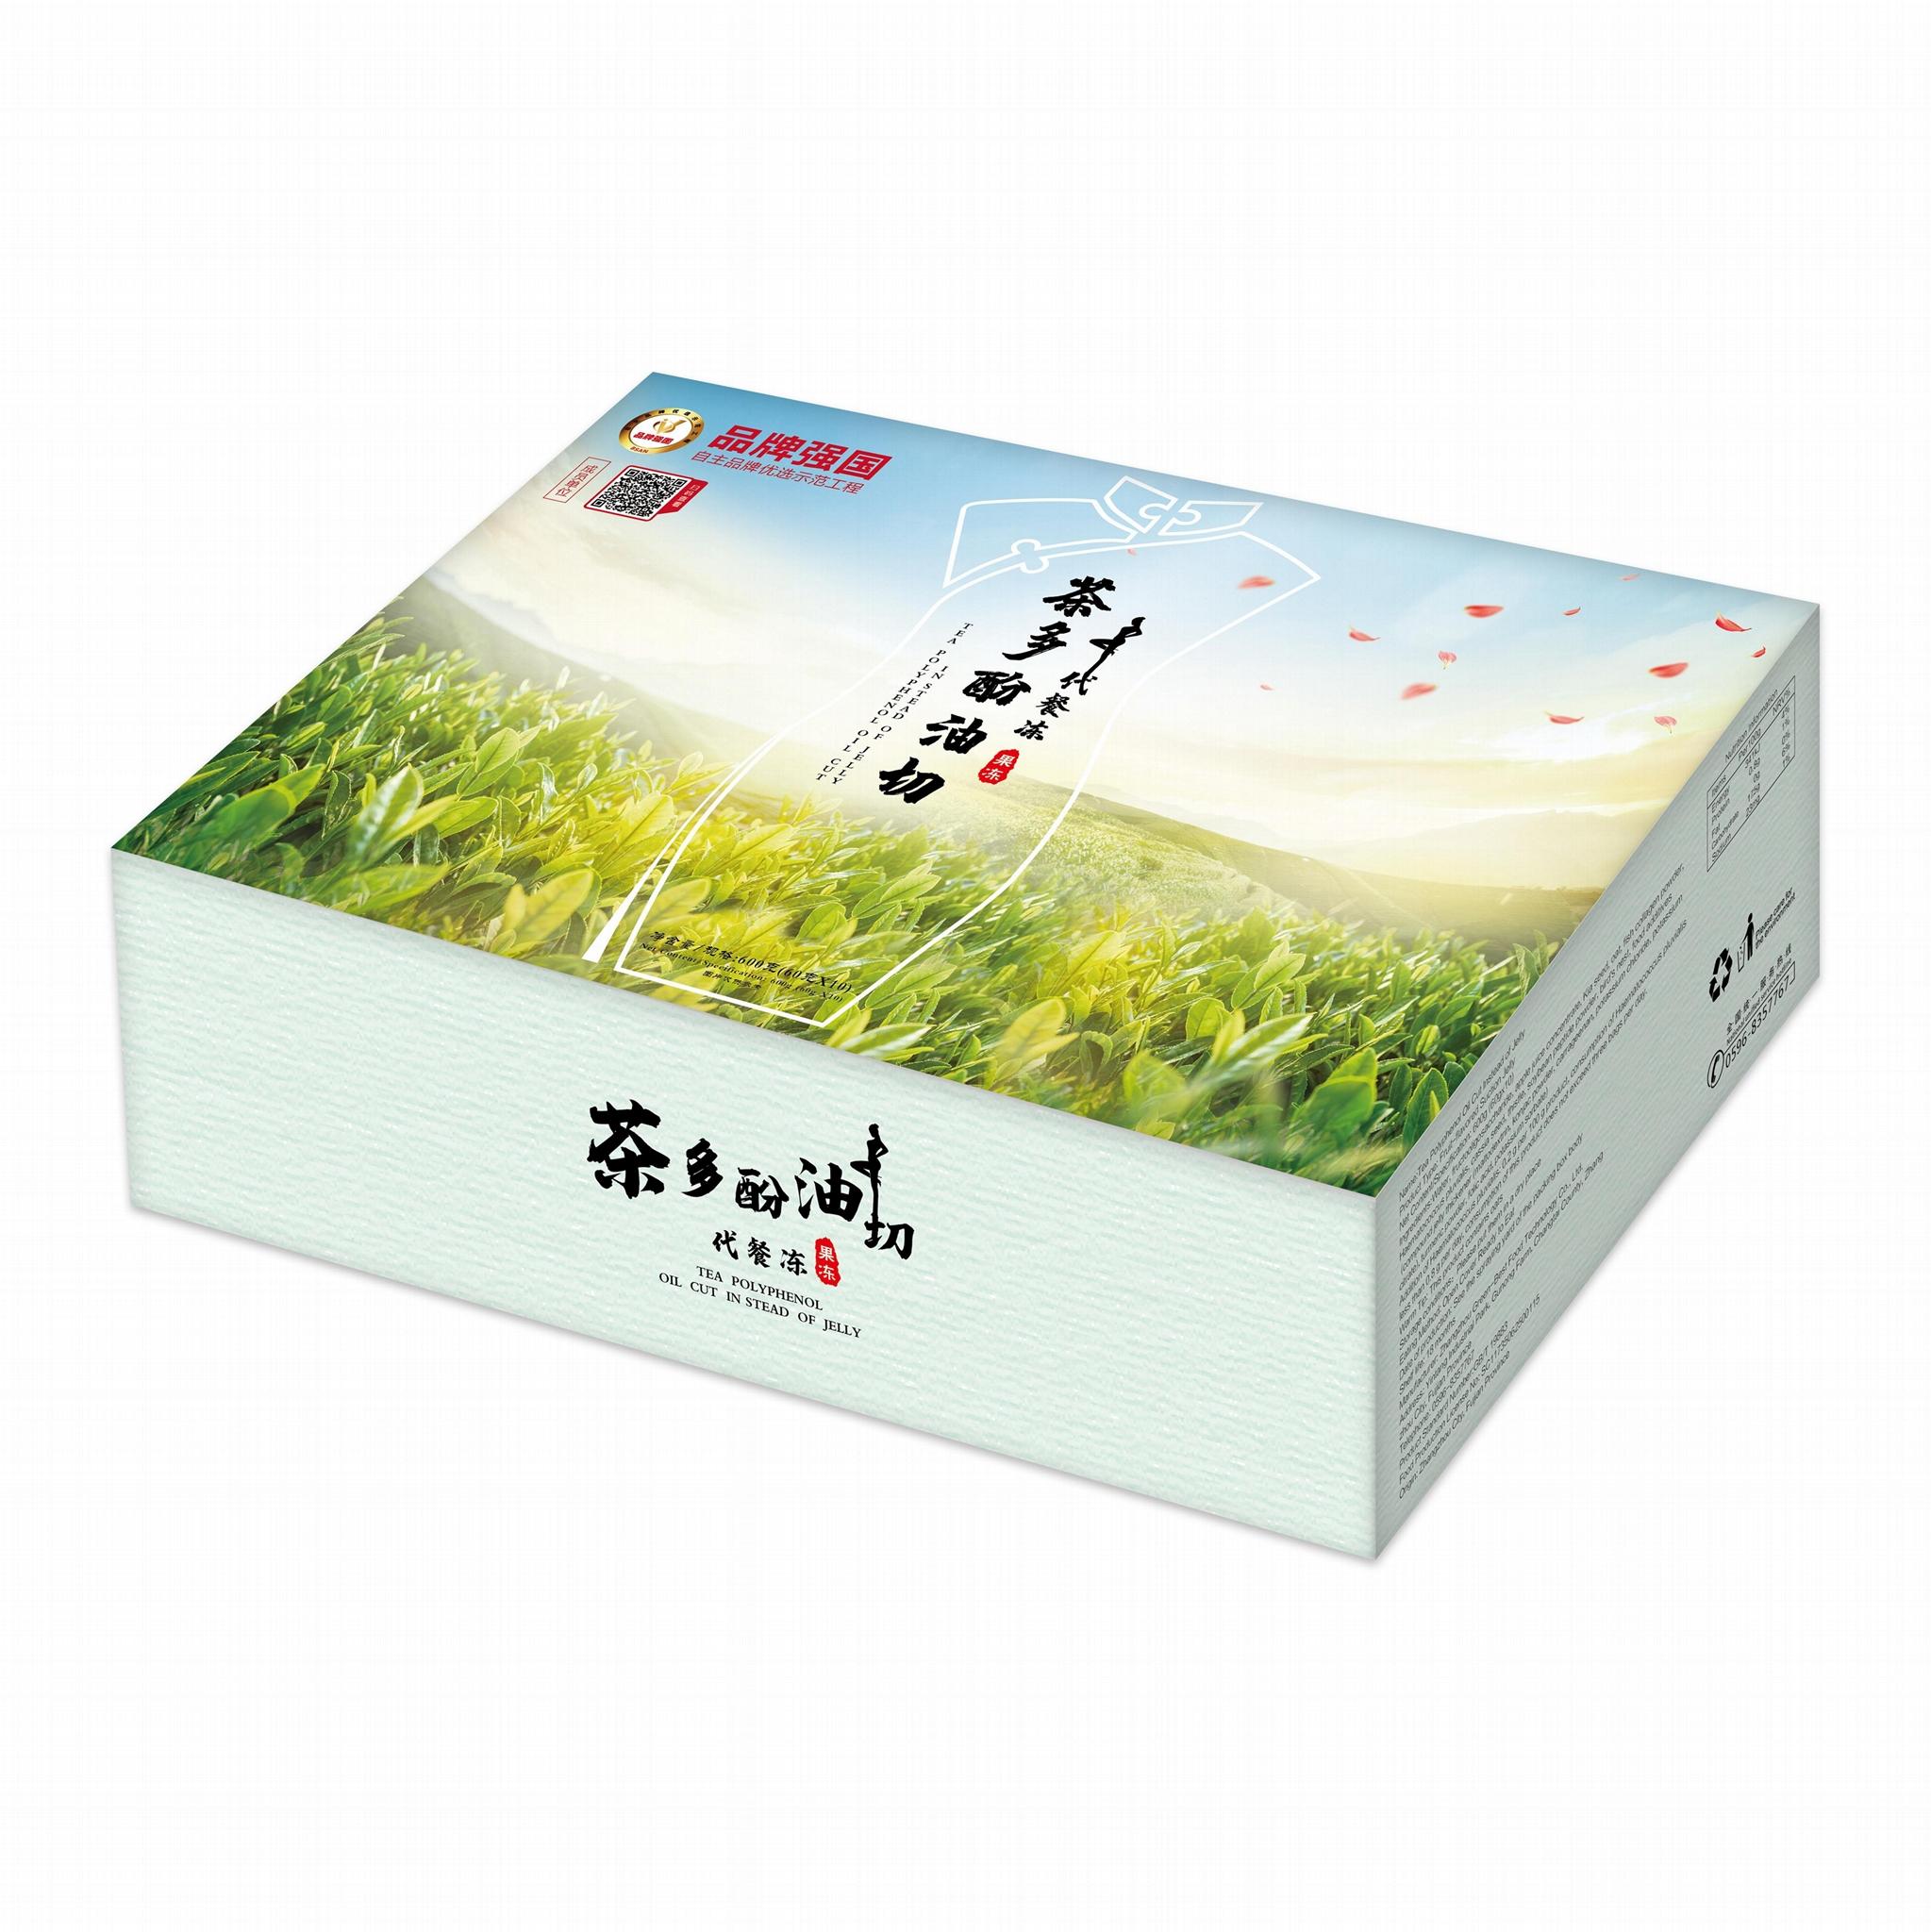 绿优品茶多酚油切ODM/OEM贴牌代工 2